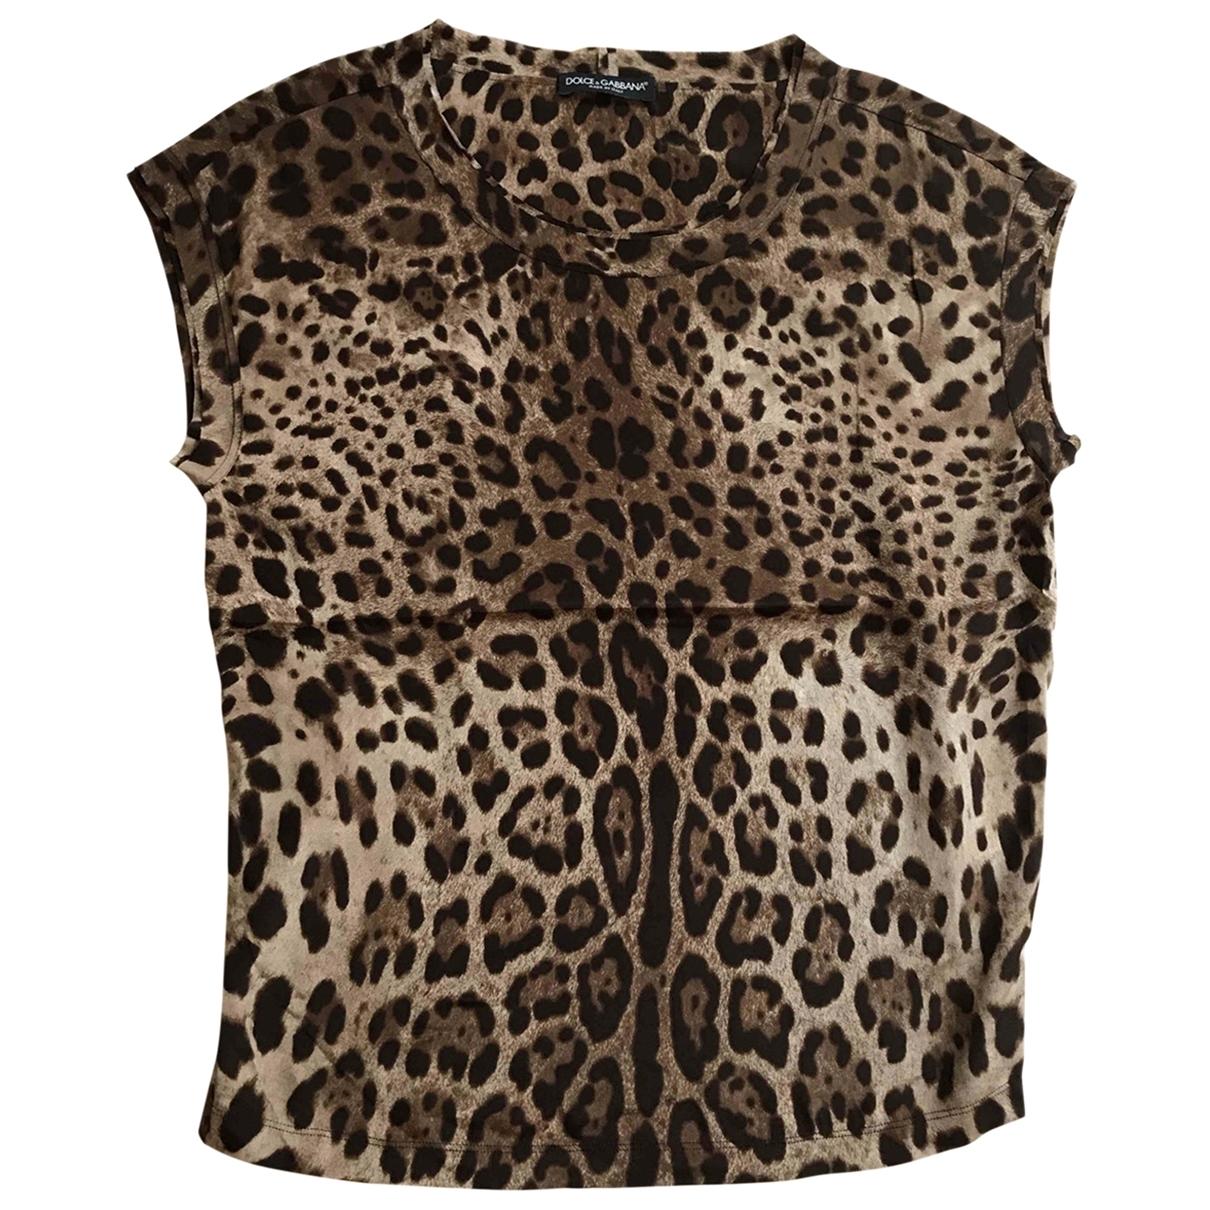 Dolce & Gabbana - Top   pour femme en soie - beige